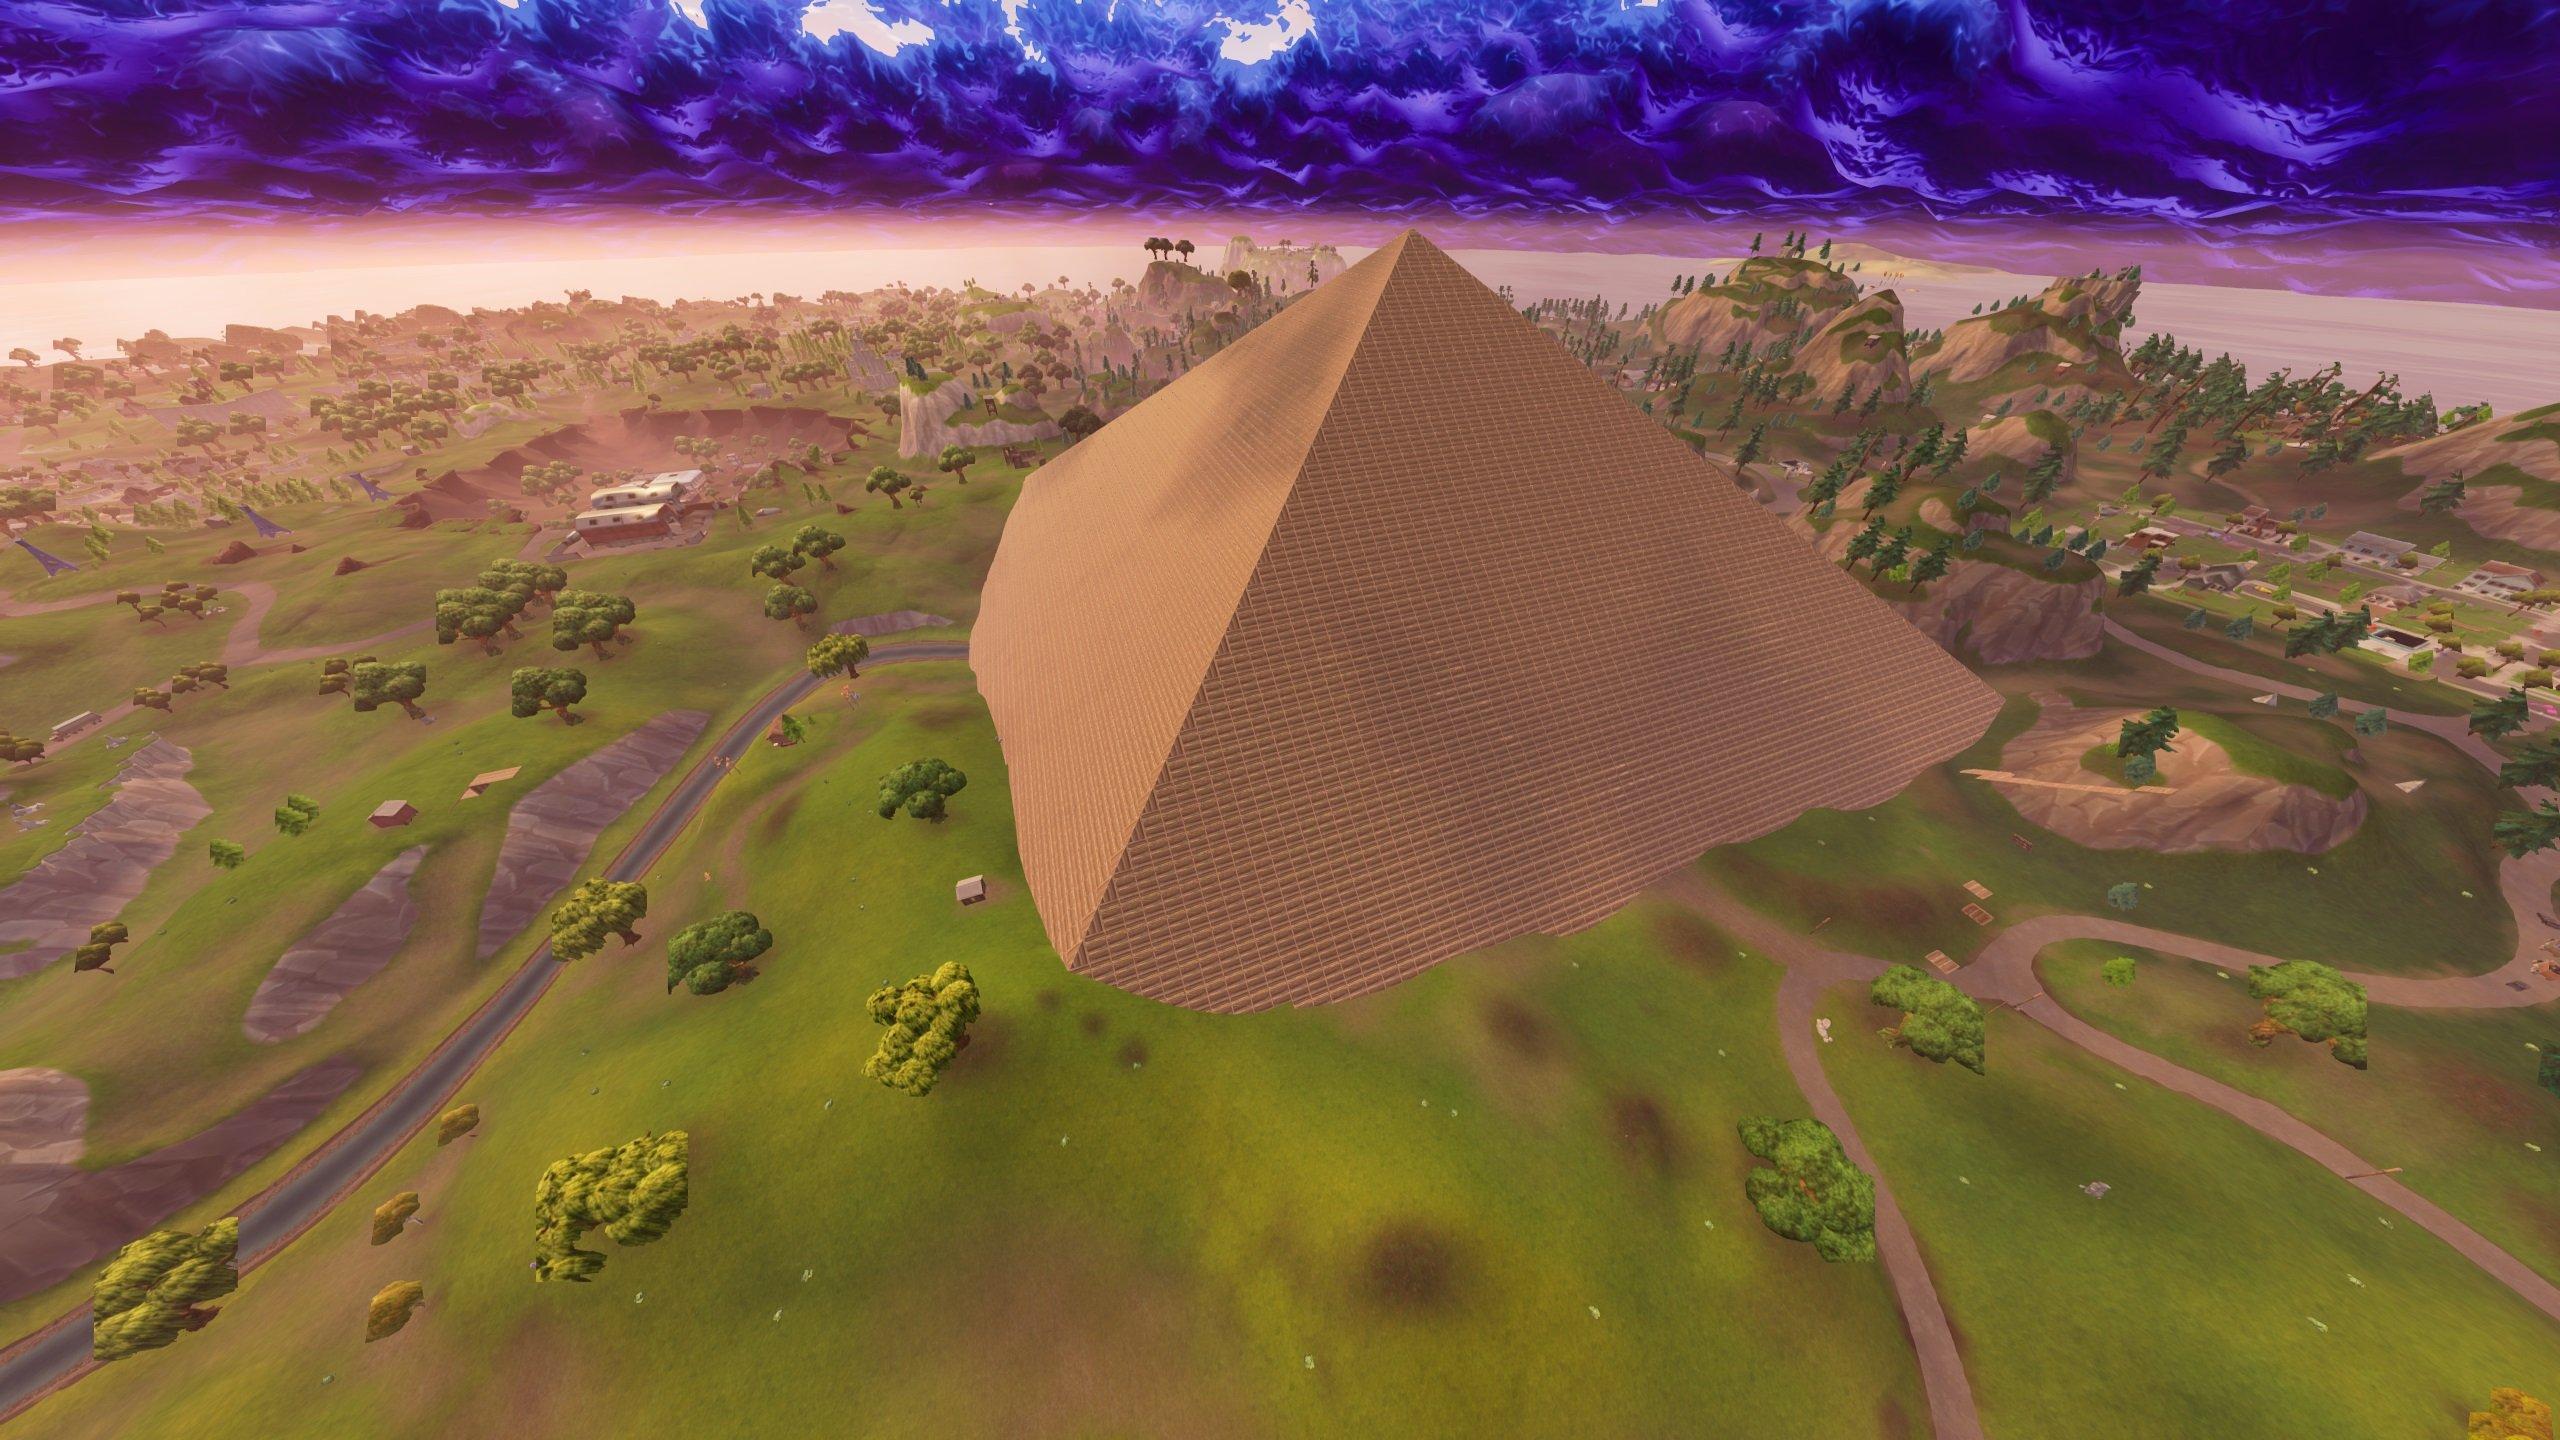 Le mode Terrain de jeux de Fortnite s'arrêtera le 12 juillet